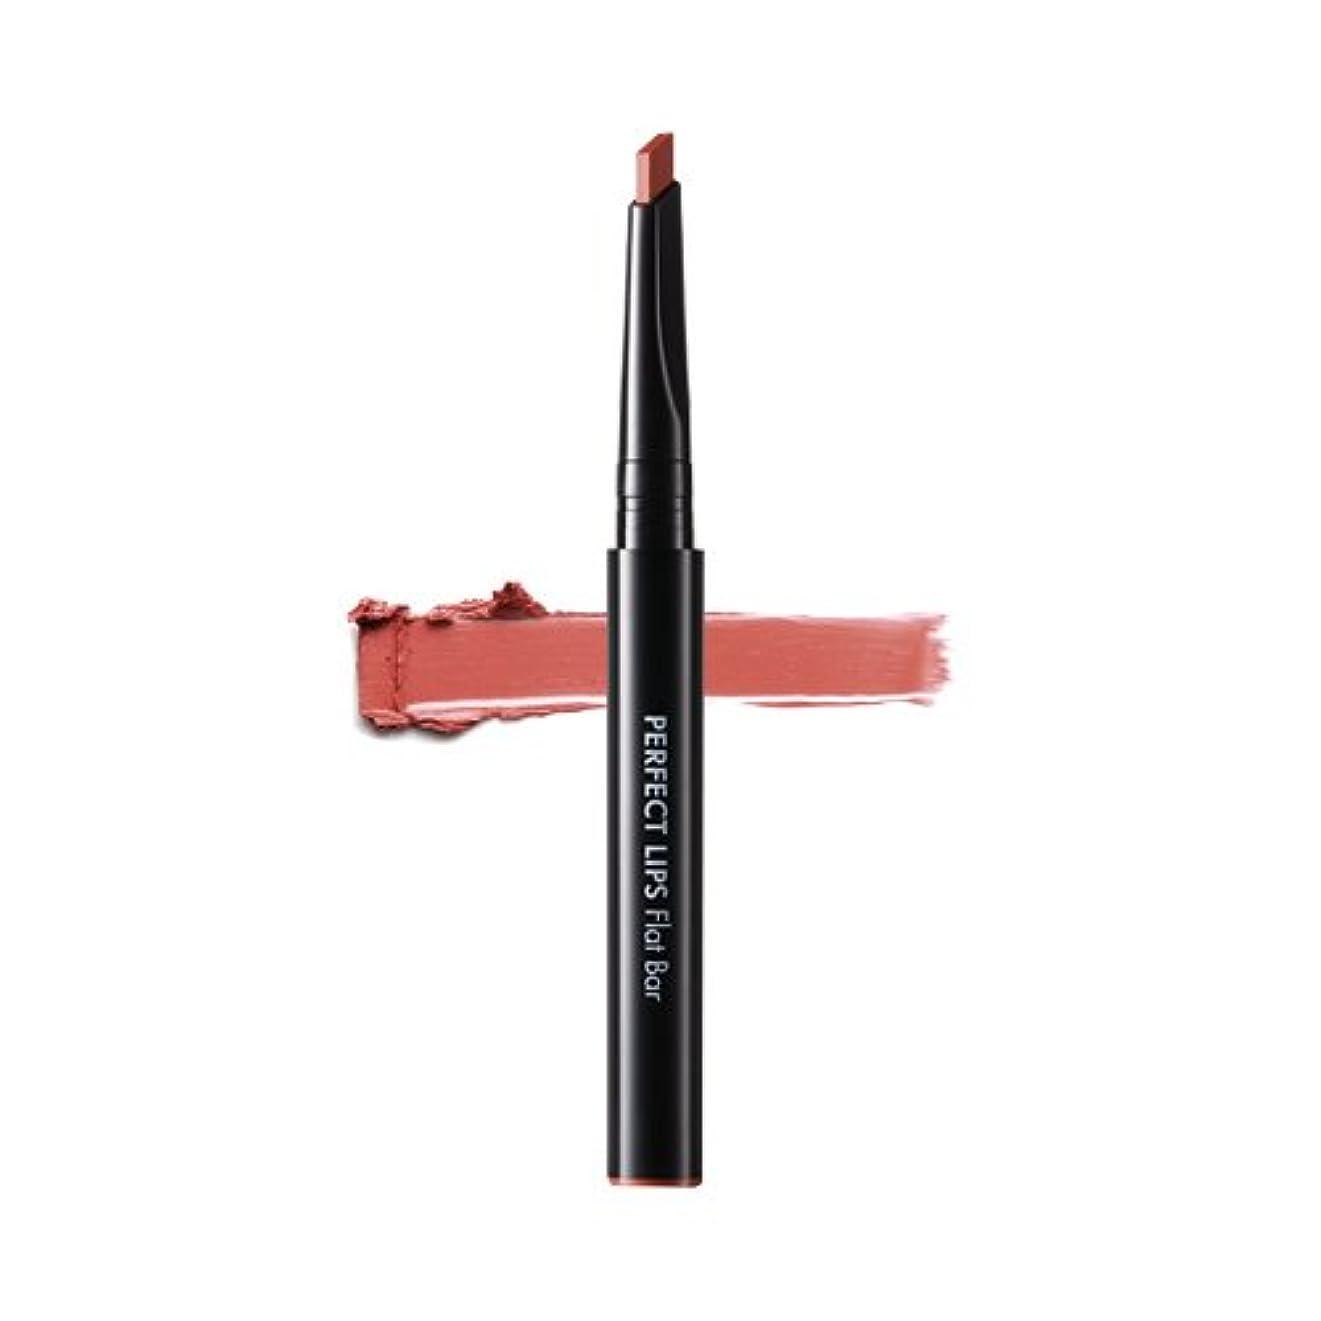 サークルスタジオ敷居[New] TONYMOLY Perfect Lips Flat Bar 0.3g/トニーモリー パーフェクト リップス フラット バー 0.3g (#05 Vintage Coral) [並行輸入品]